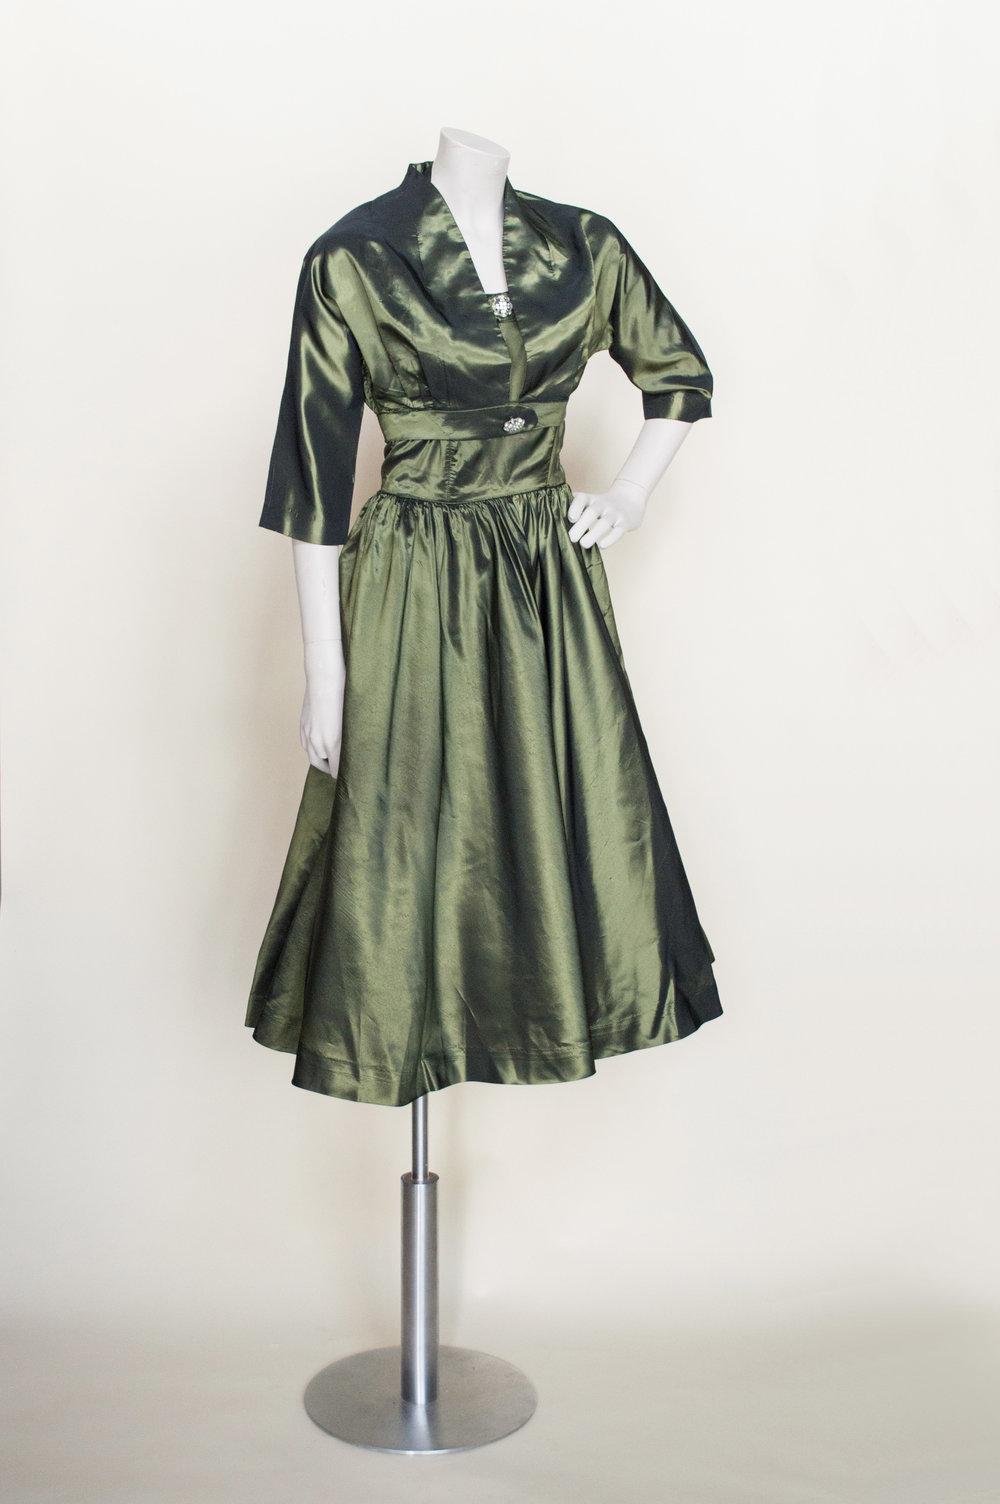 Fern Hunter Dress, a 1940s vintage party dress from online vintage clothing shop, Dalena Vintage.